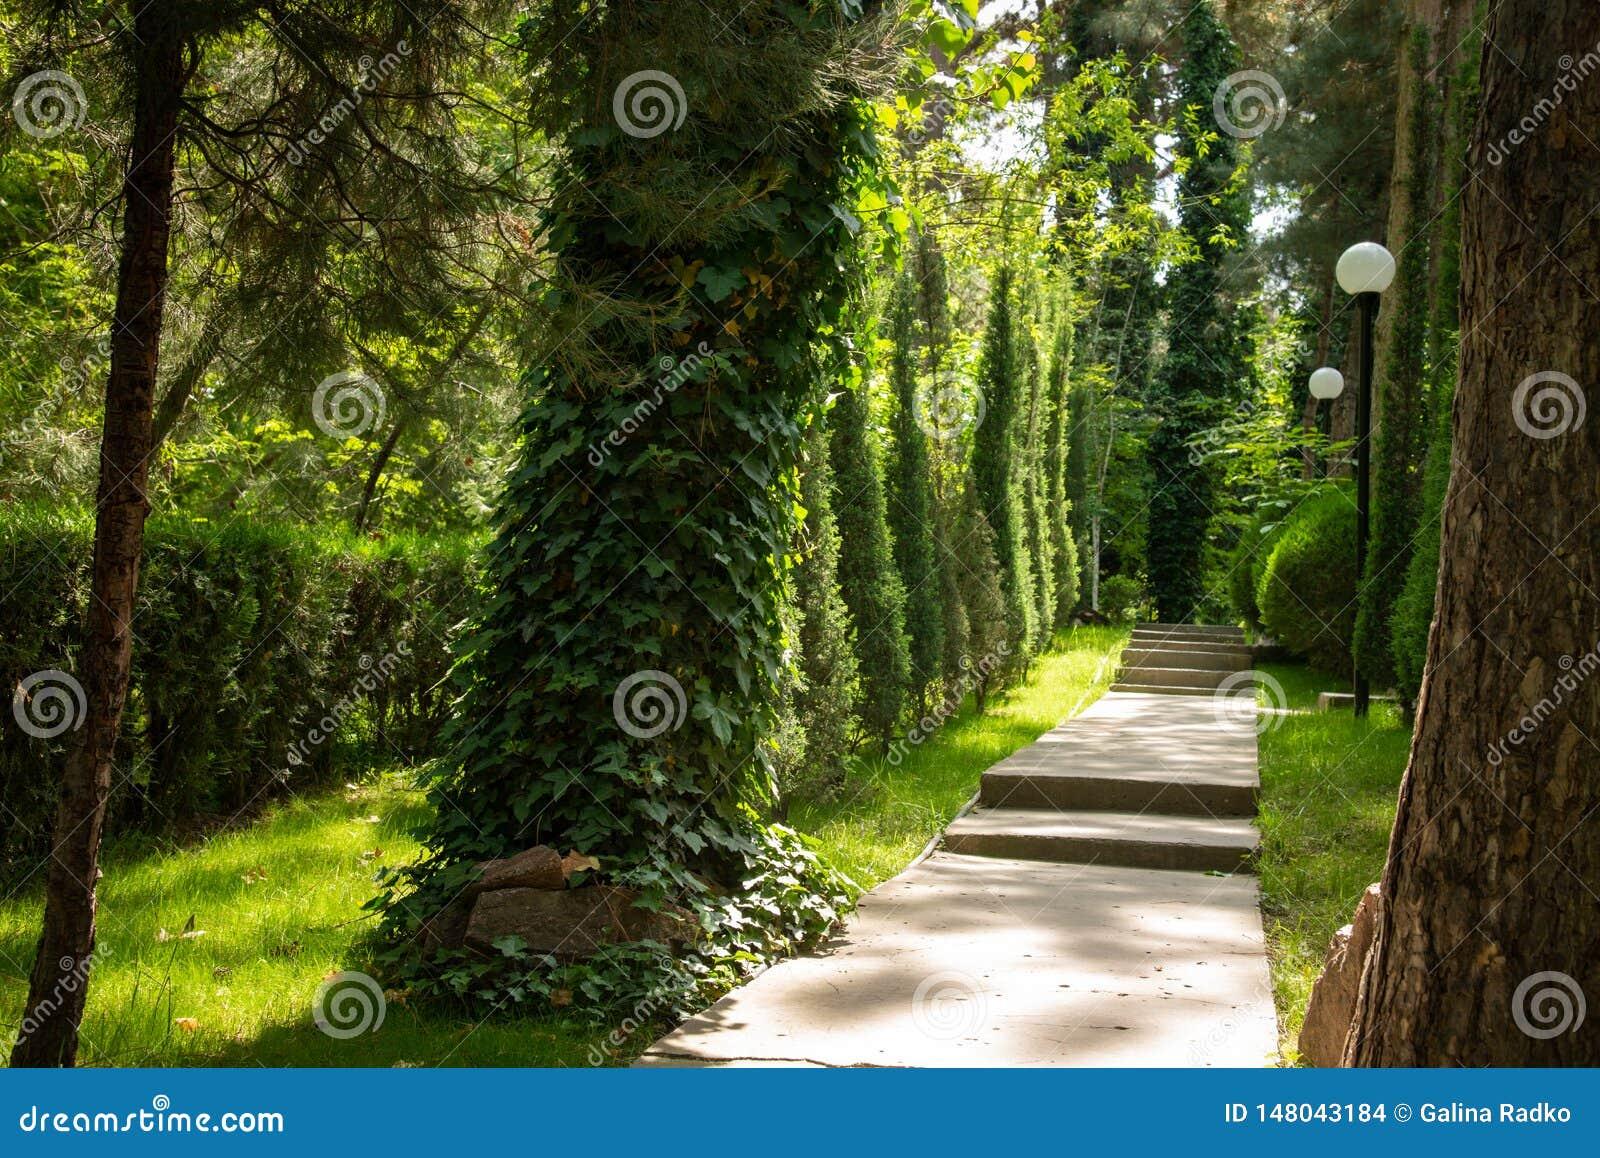 Straße ist im Wald unter den Bäumen, beleuchtet durch die Strahlen der Sonne Hintergrund